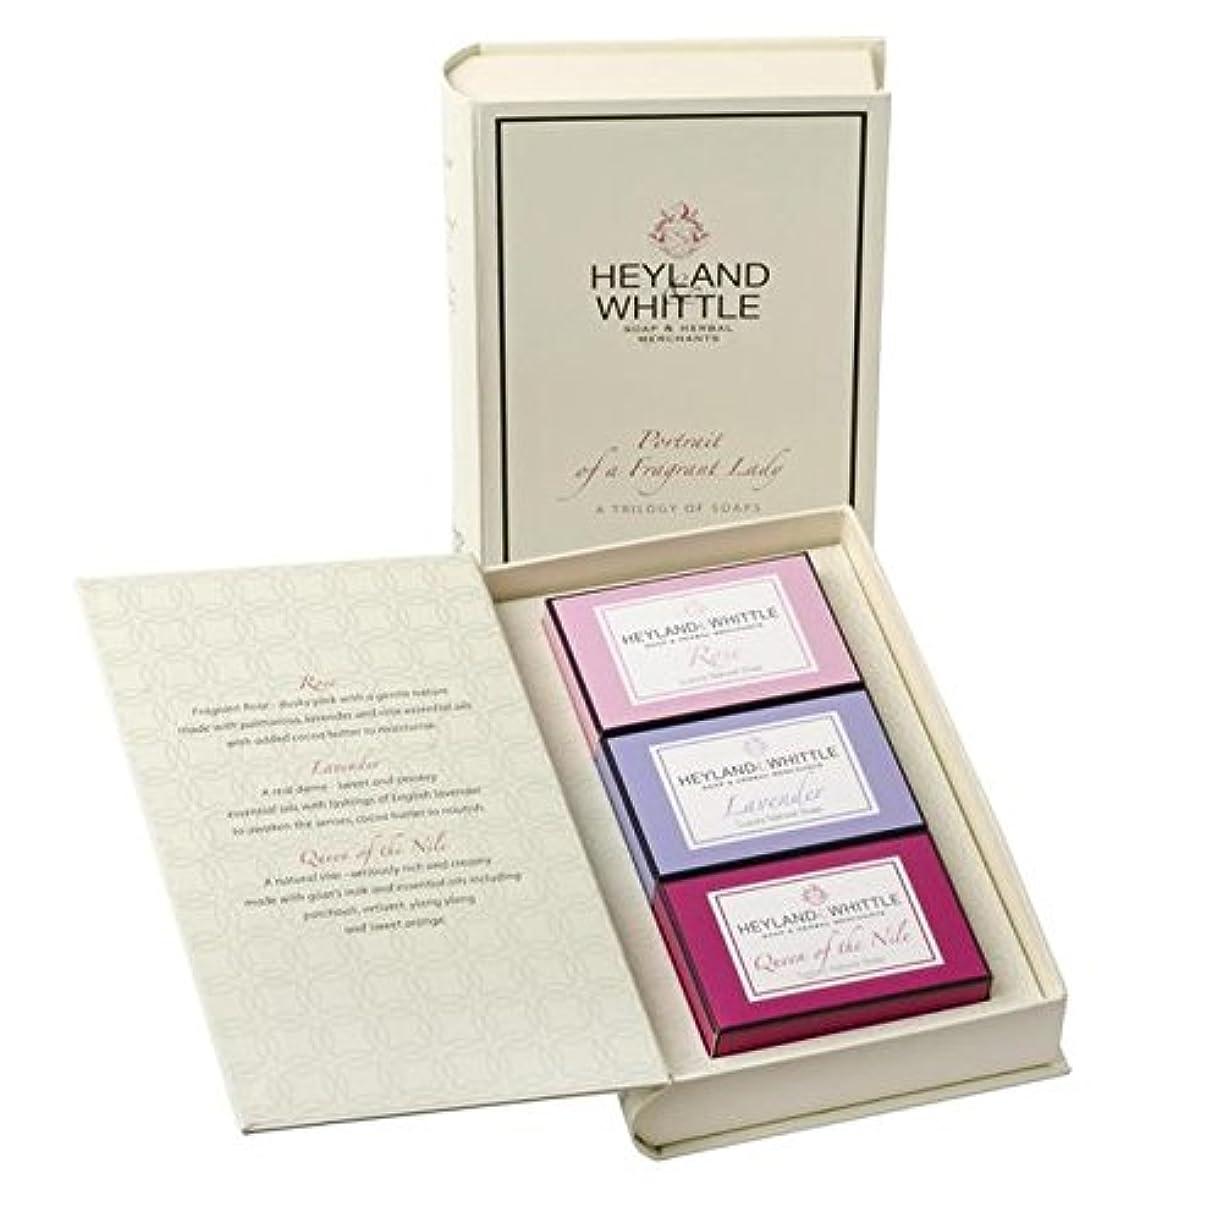 革新側面羽&削る石鹸帳、香りの女性の肖像画 x2 - Heyland & Whittle Soap Book, Portrait of a Fragrant Lady (Pack of 2) [並行輸入品]